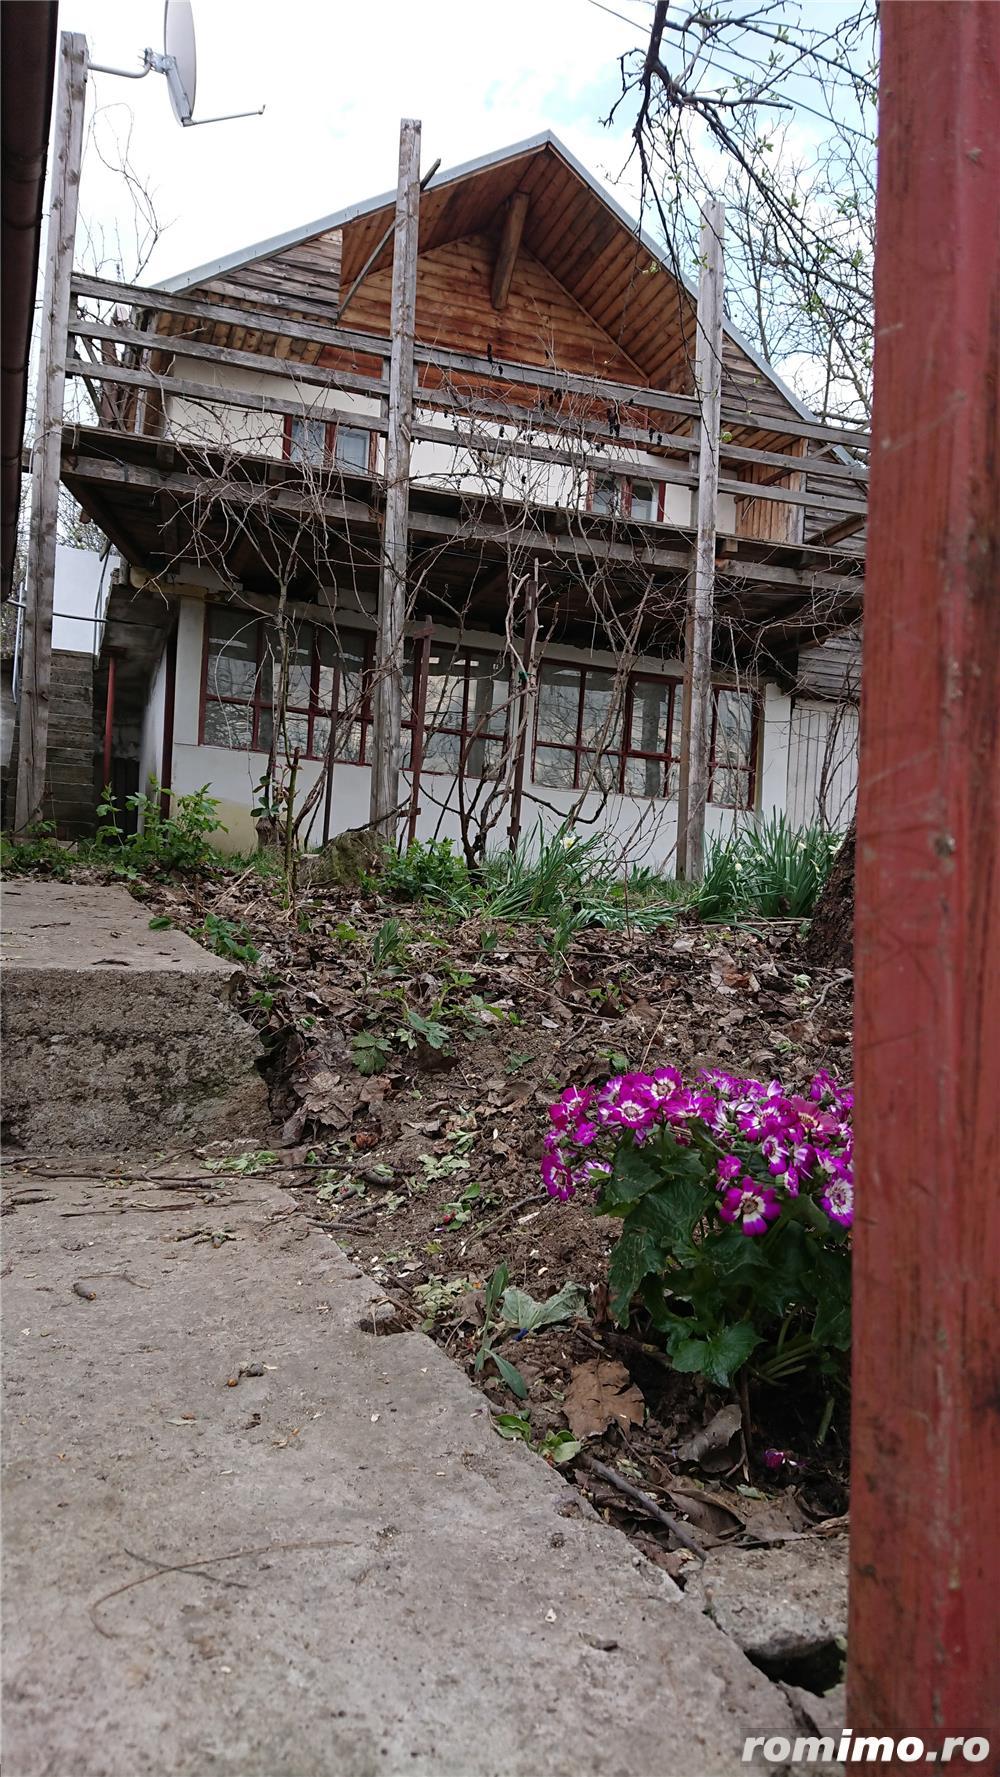 Casa COMANA, jud. Giurgiu – zona deosebita - Delta Neajlovului si padurea Comana